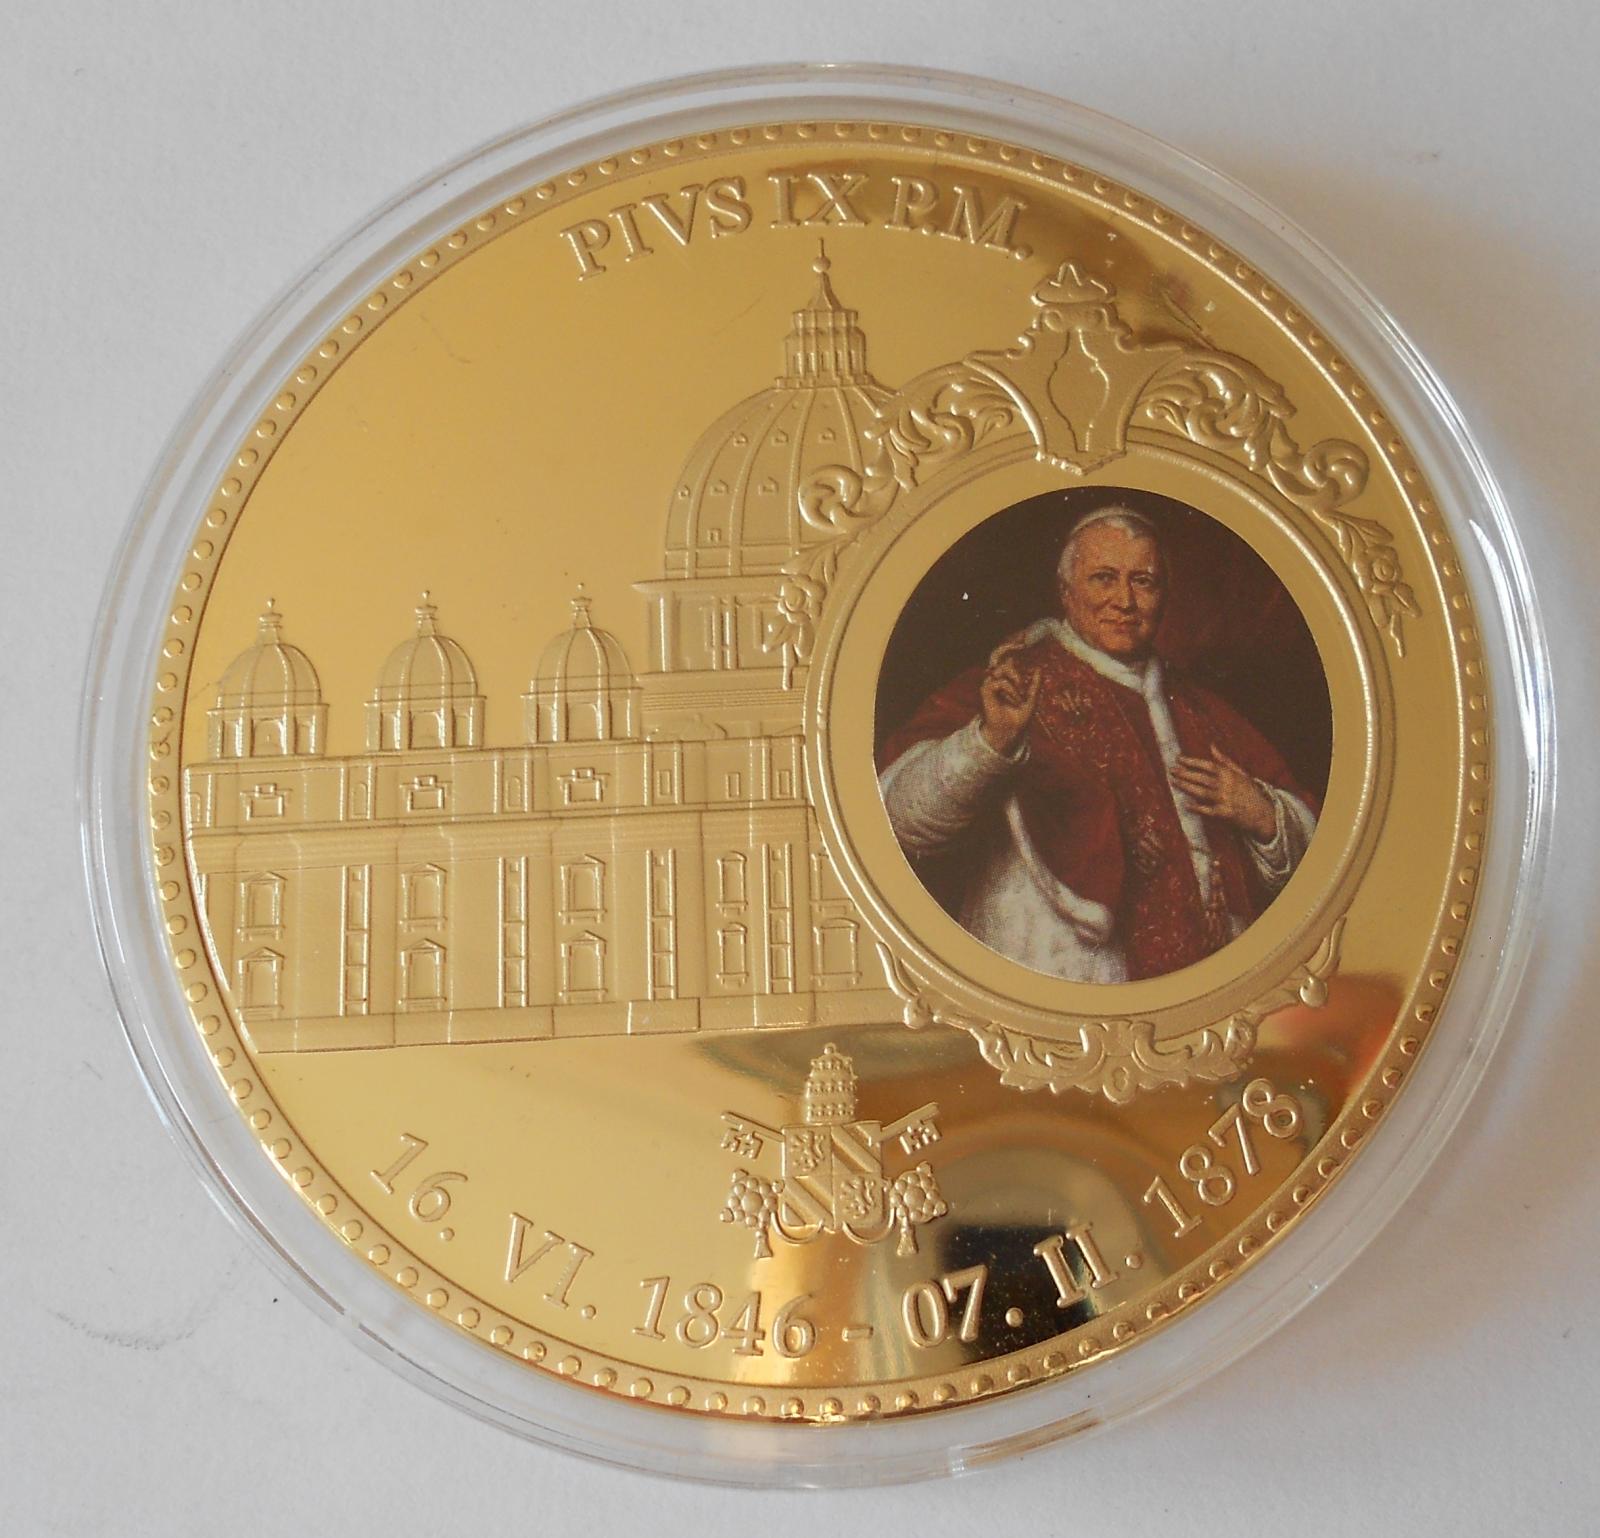 Vatikán Papež Pius IX. , průměr 70 mm